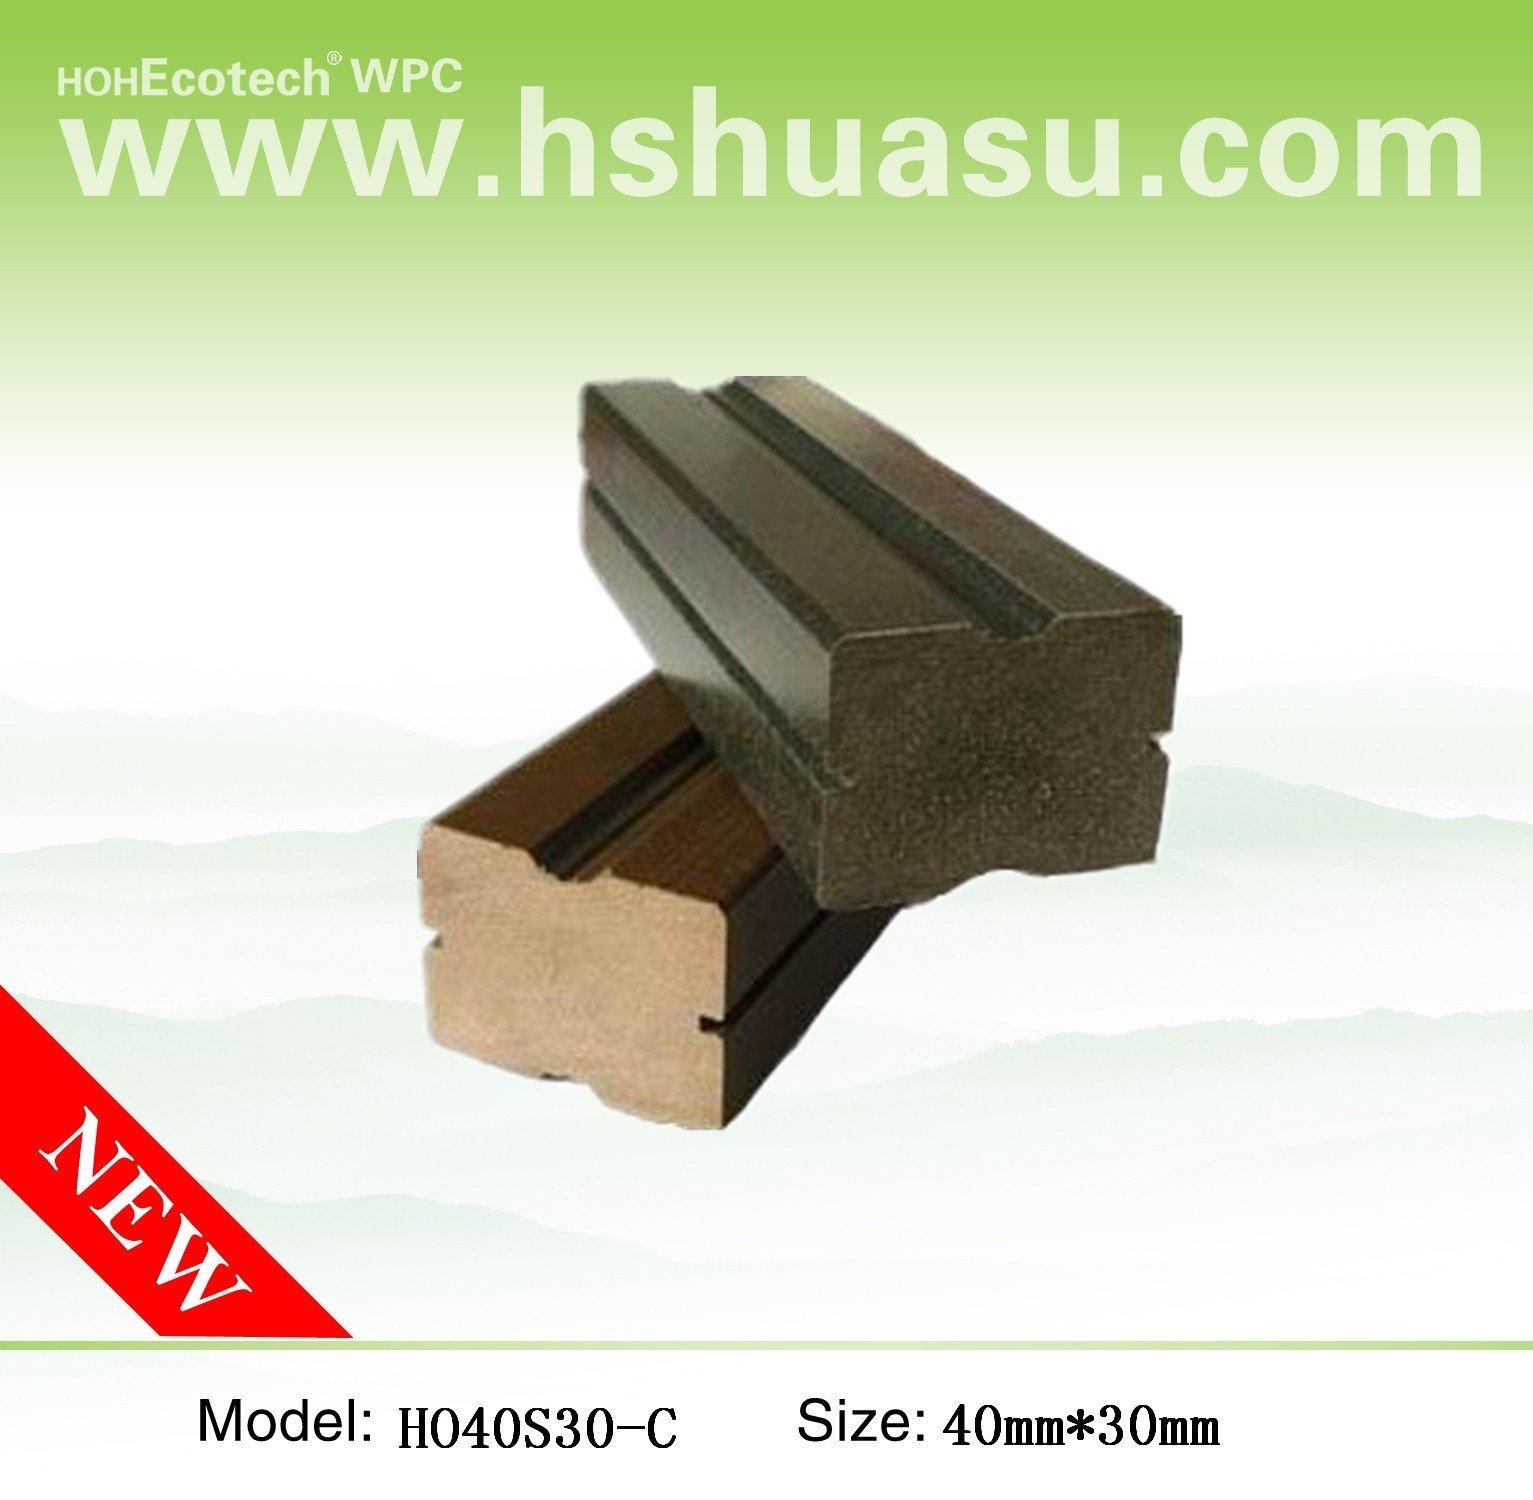 HD40S30-C Körper joist_